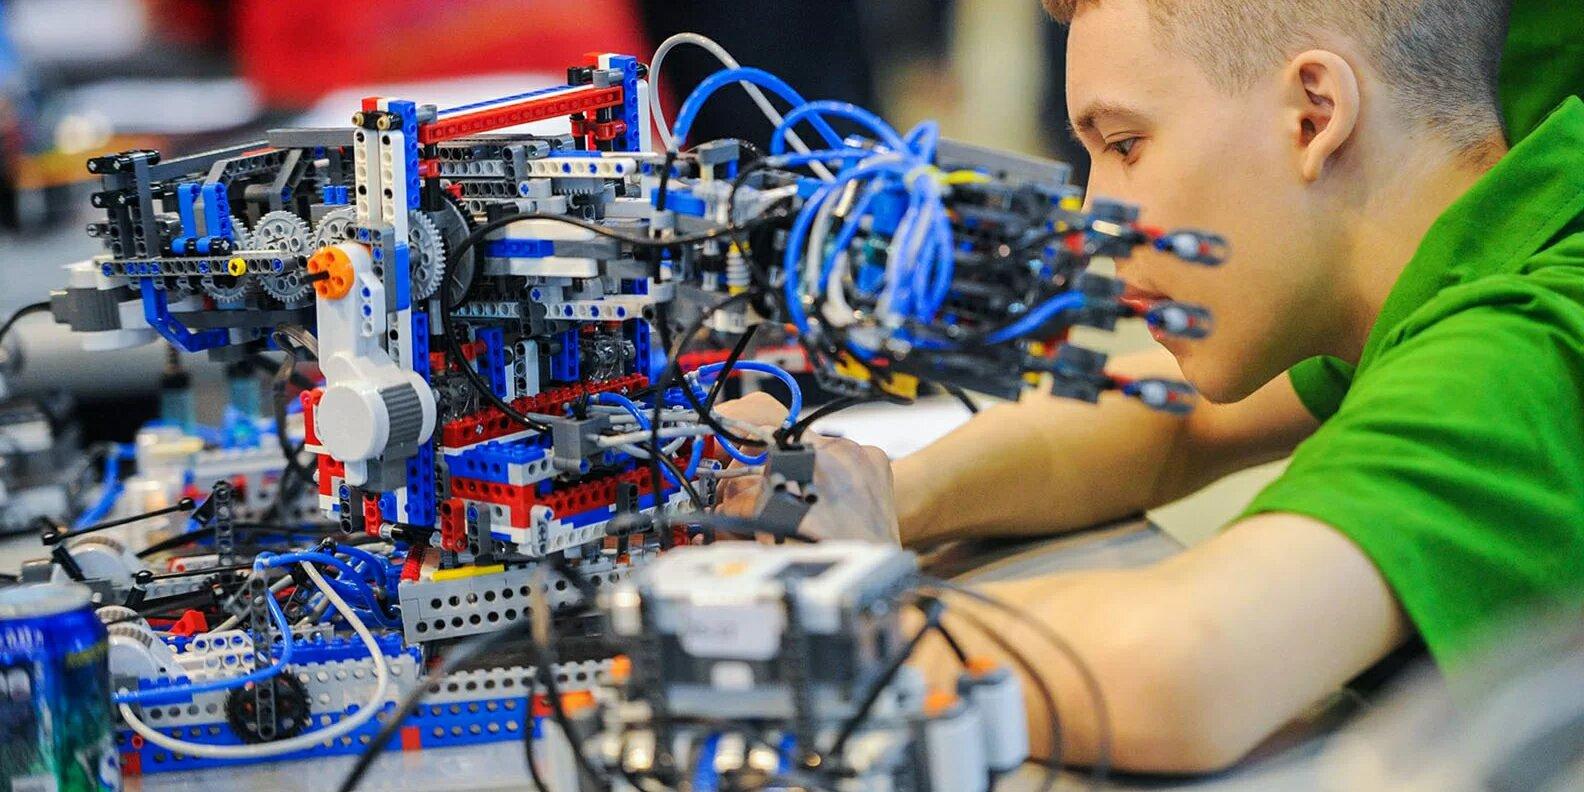 О новых возможностях онлайн-программ детских технопарков рассказала Наталья Сергунина